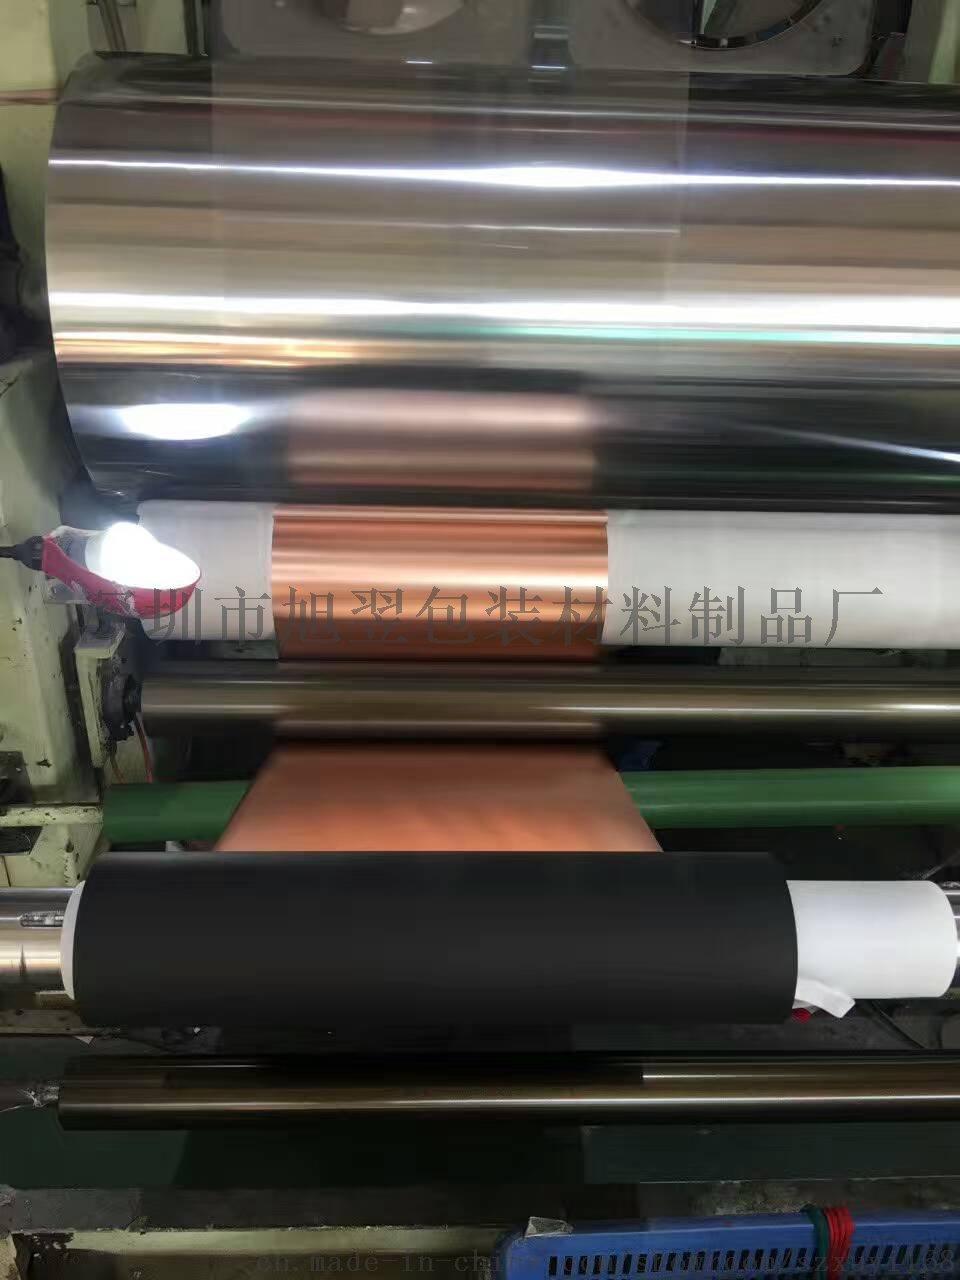 厂家直销 纳米碳铜箔胶带 手机盖板散热铜箔胶带744521192